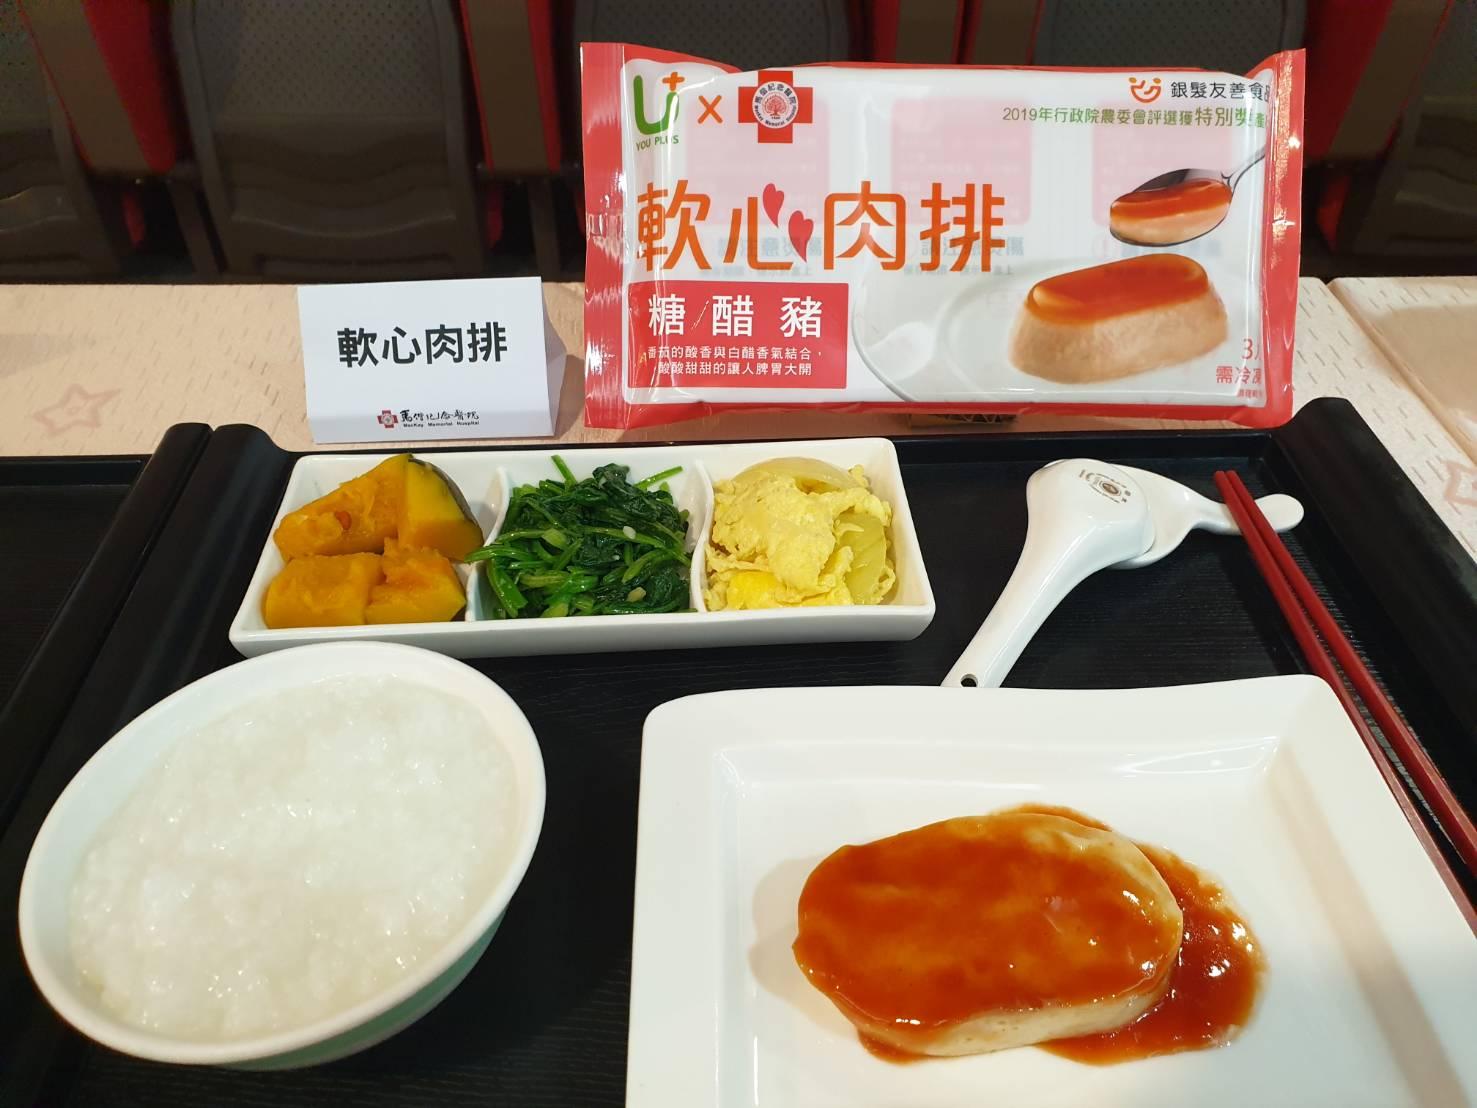 老來缺牙也不怕流失蛋白質、肌少症 台灣醫院成功把「肉排變慕斯」